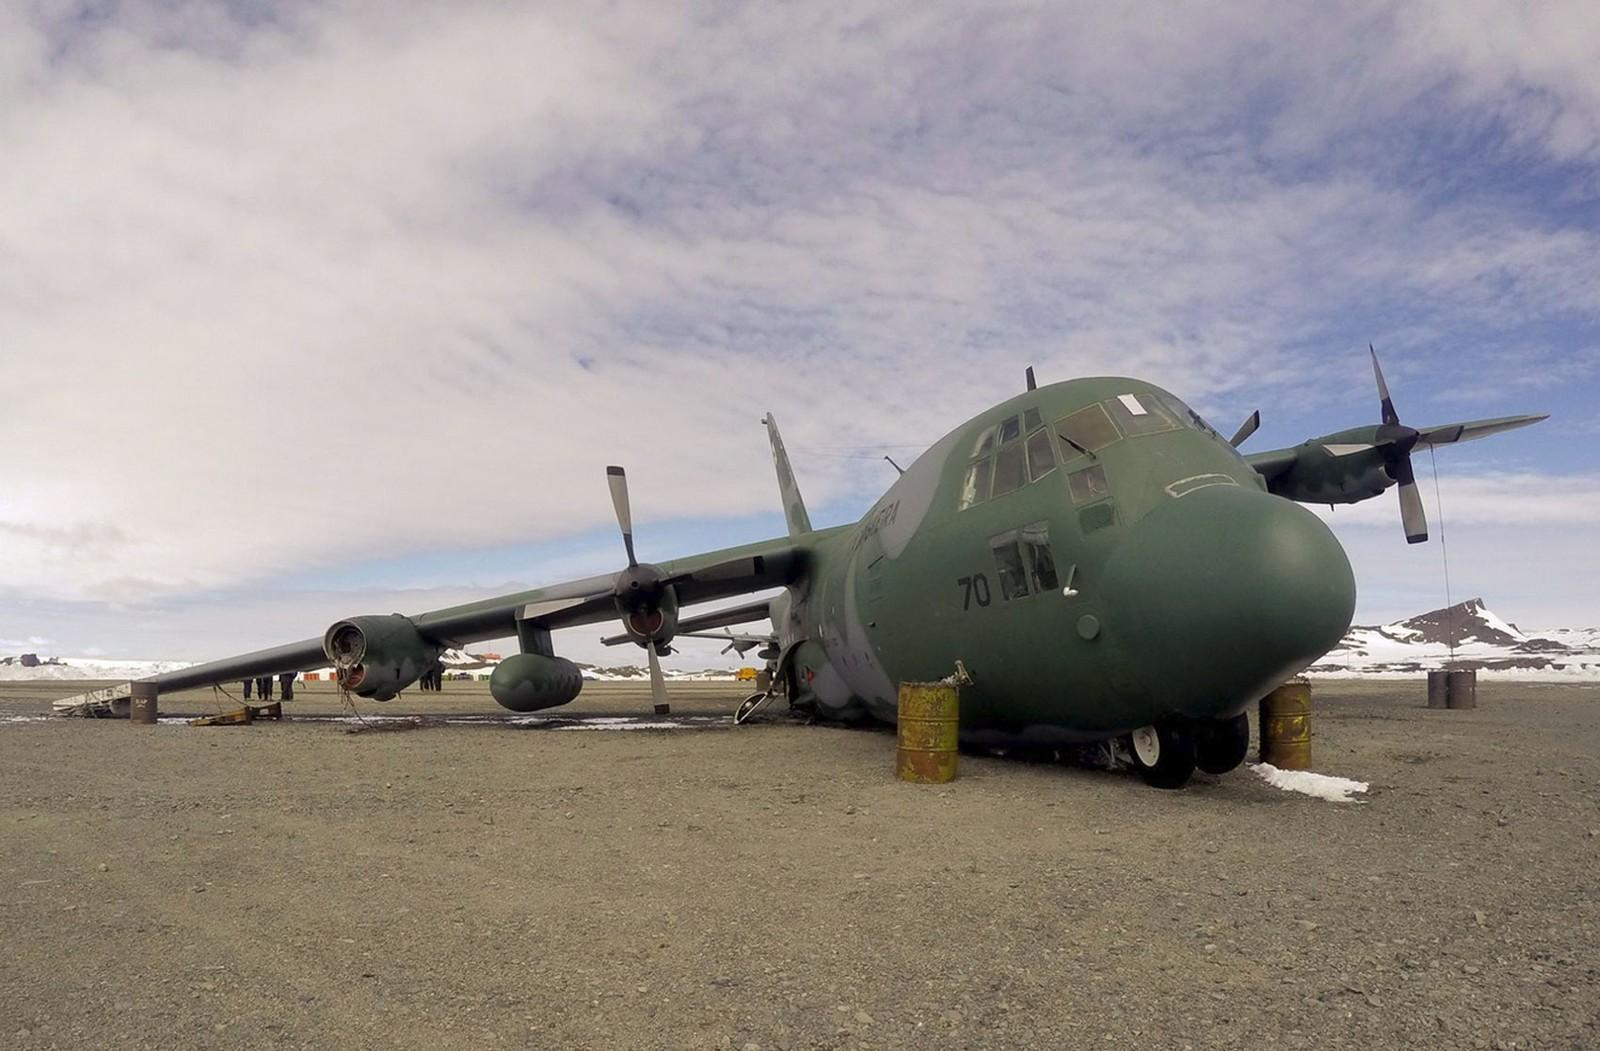 Força Aérea Brasileira desmancha C-130 Hércules que havia se acidentado na Antártica em 2014.